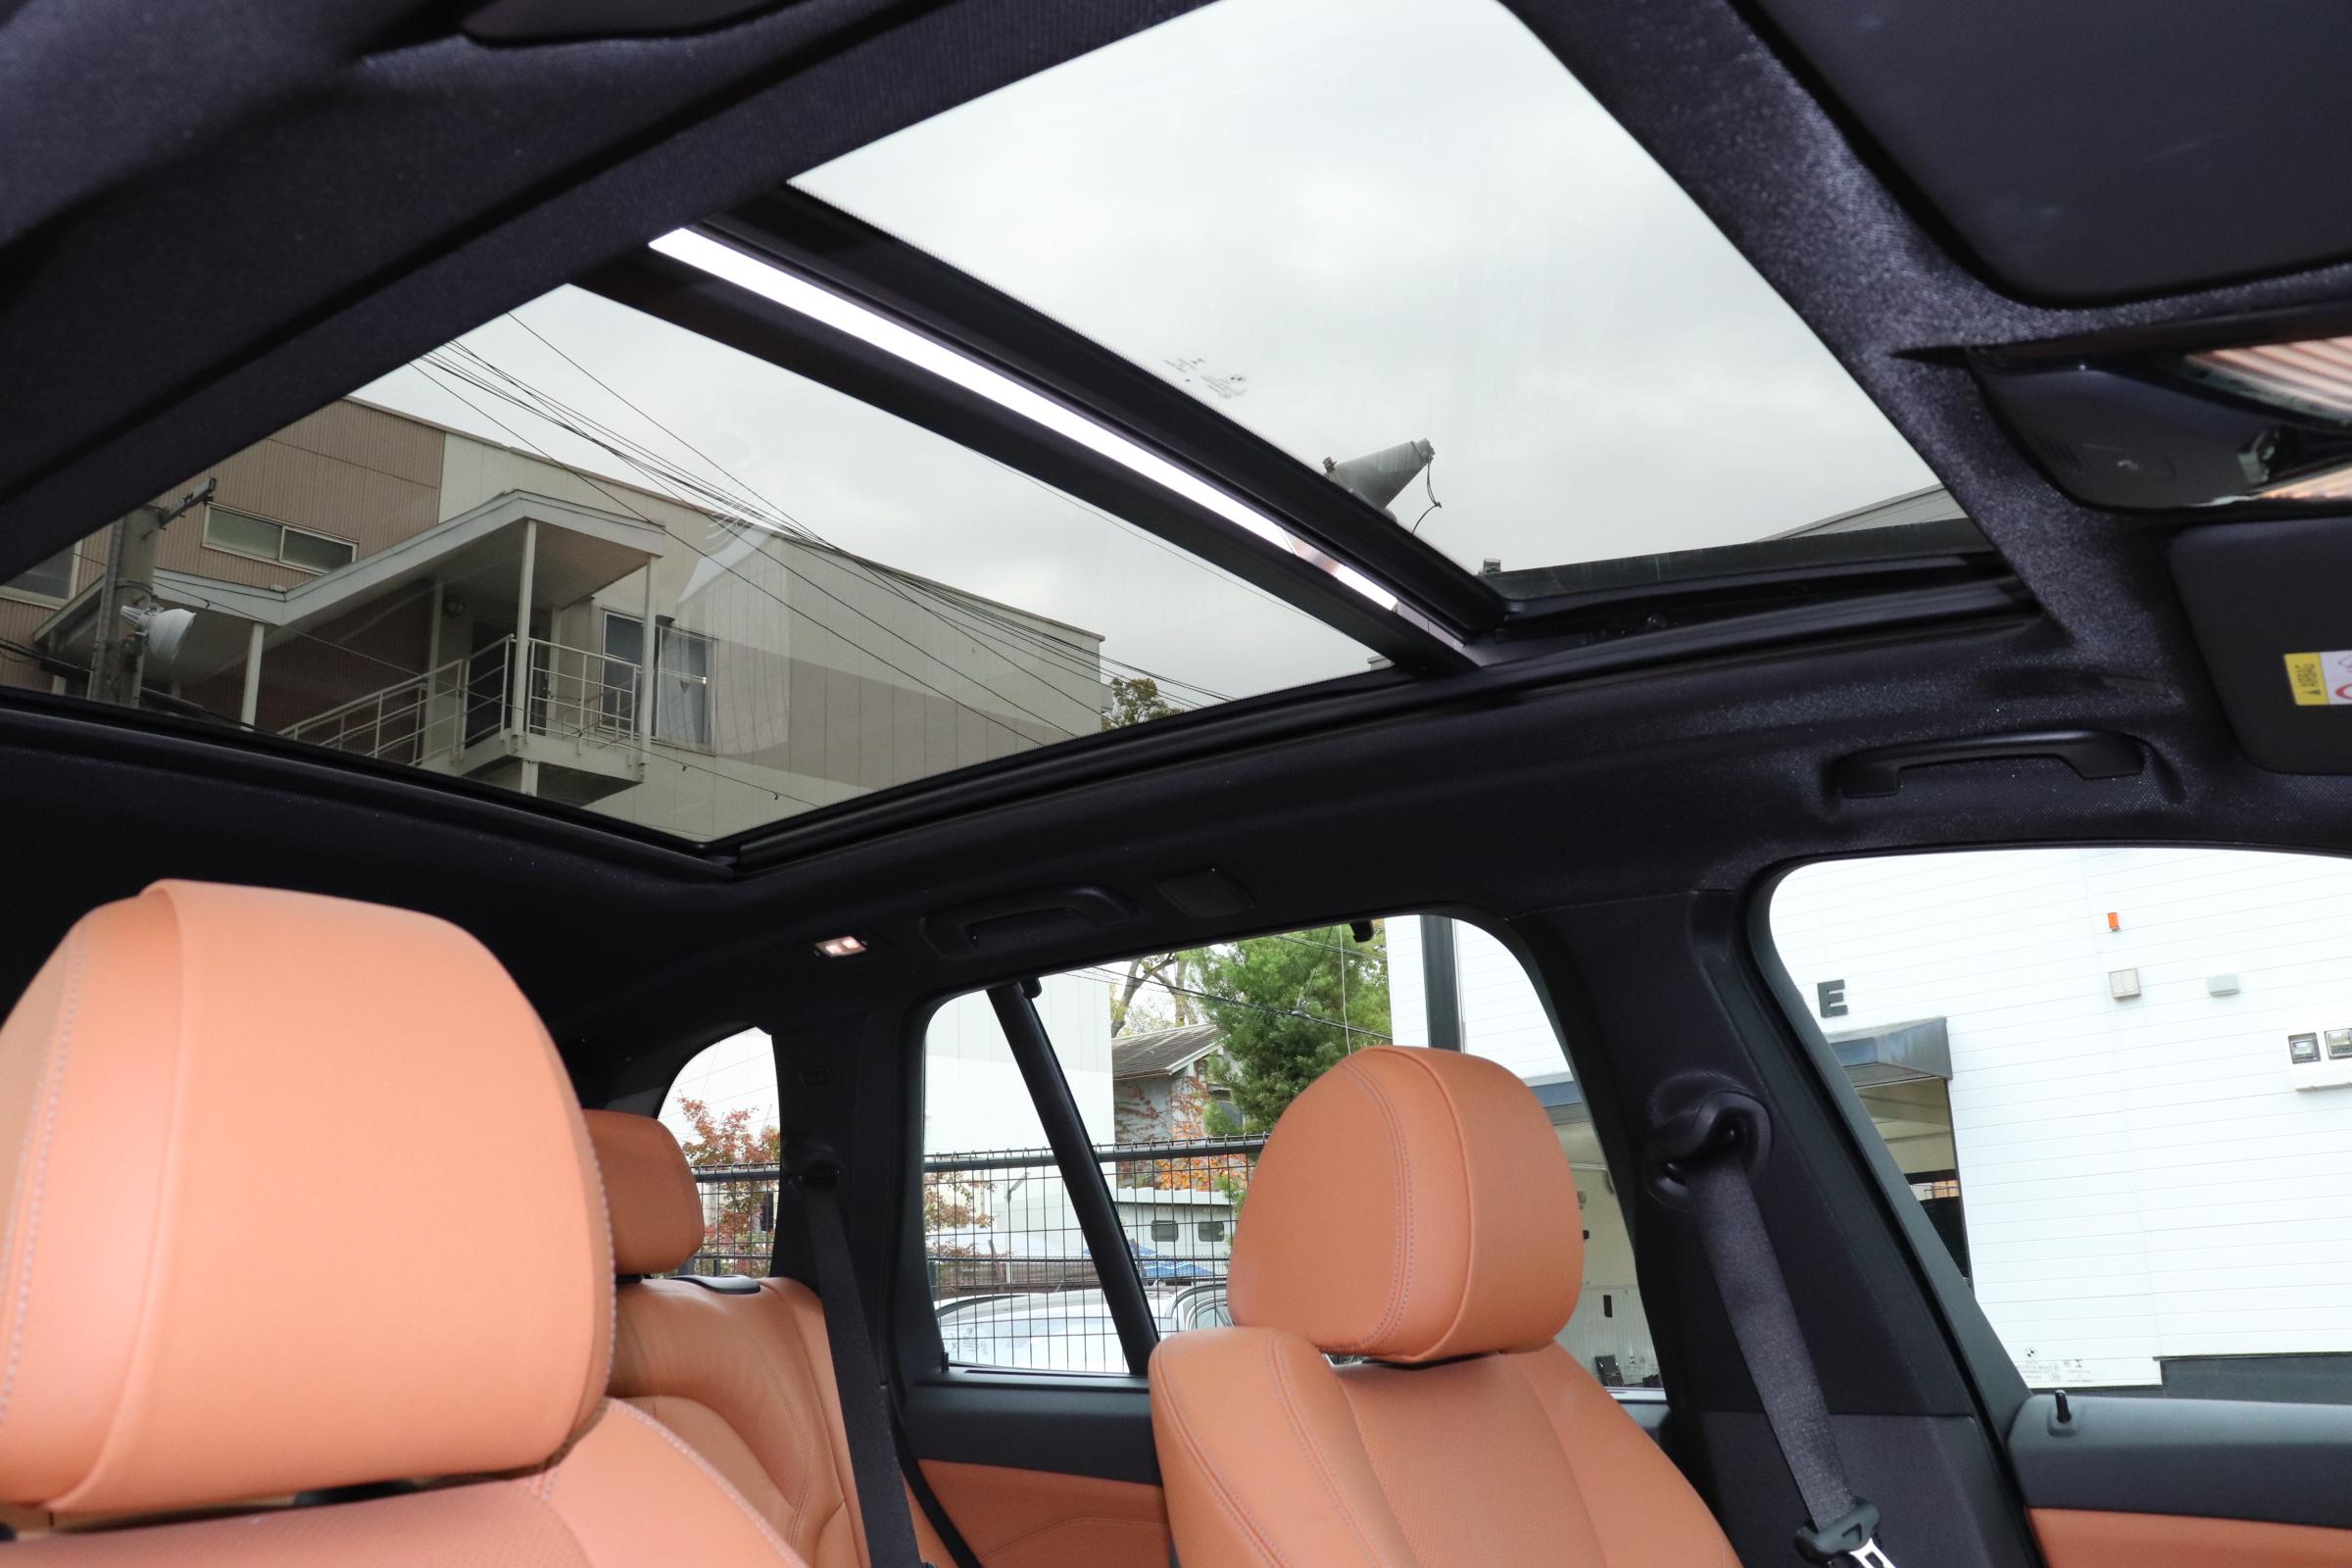 X5 xDrive 35d Mスポーツ ドライビングダイナミクスパッケージ エアサス サンルーフ 21インチAW車両画像14